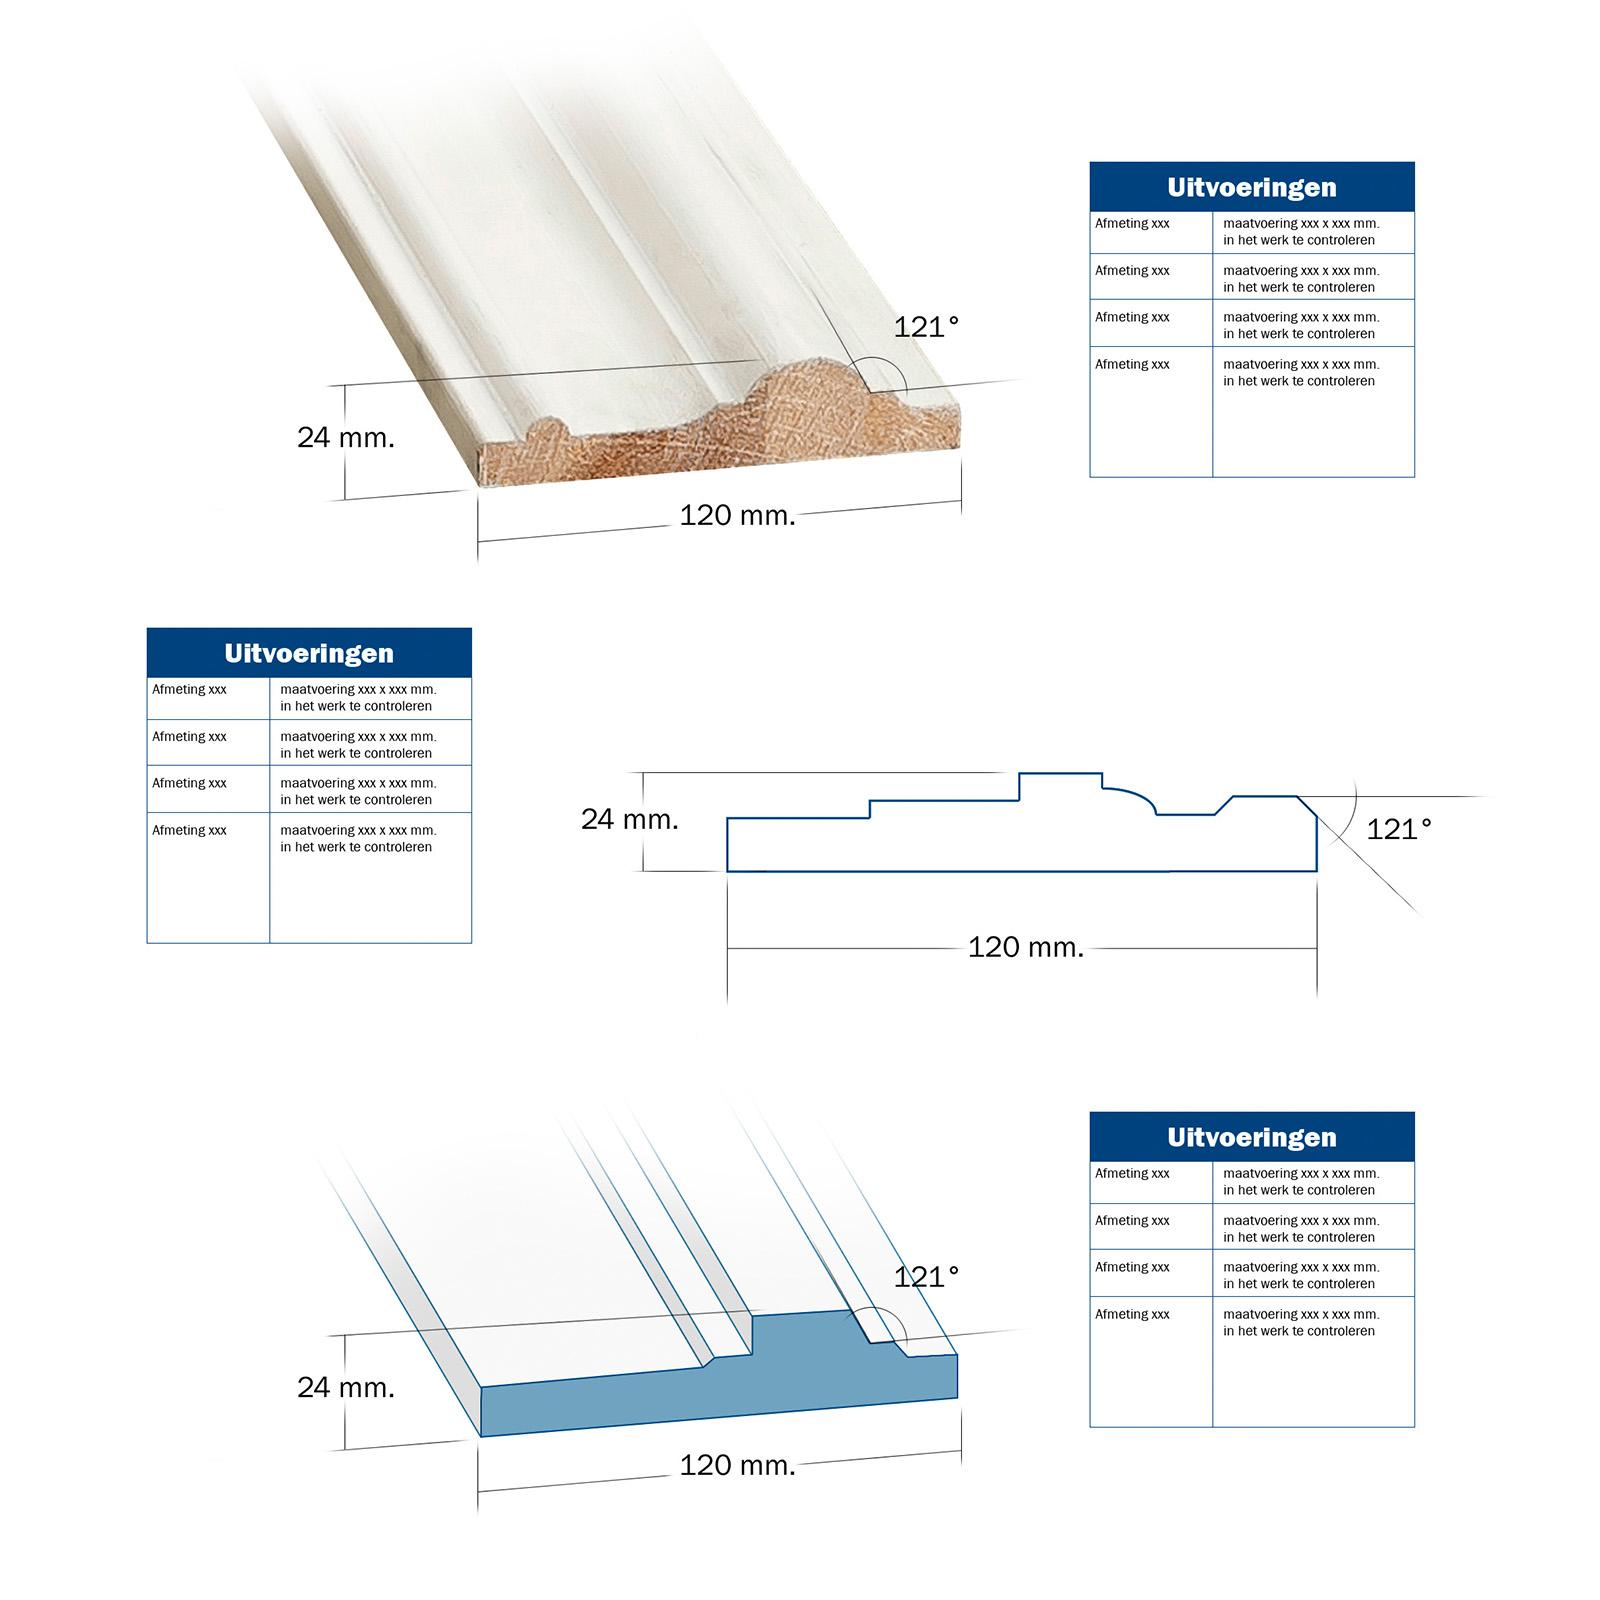 bouwproduct visualisatie